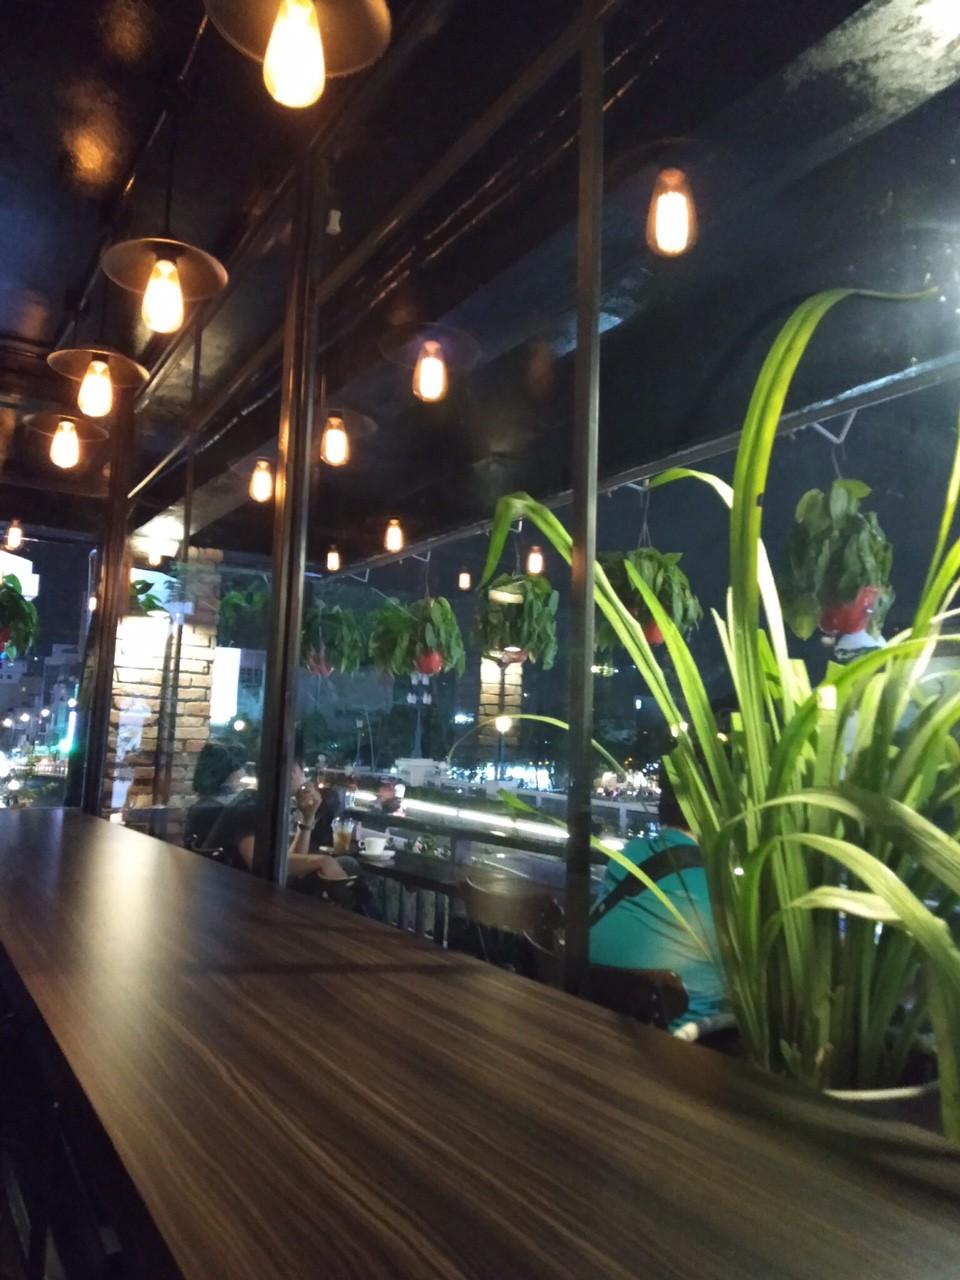 Cafe 69 - Địa điểm check-in mới cho giới trẻ ở Sài Gòn - Ảnh 5.